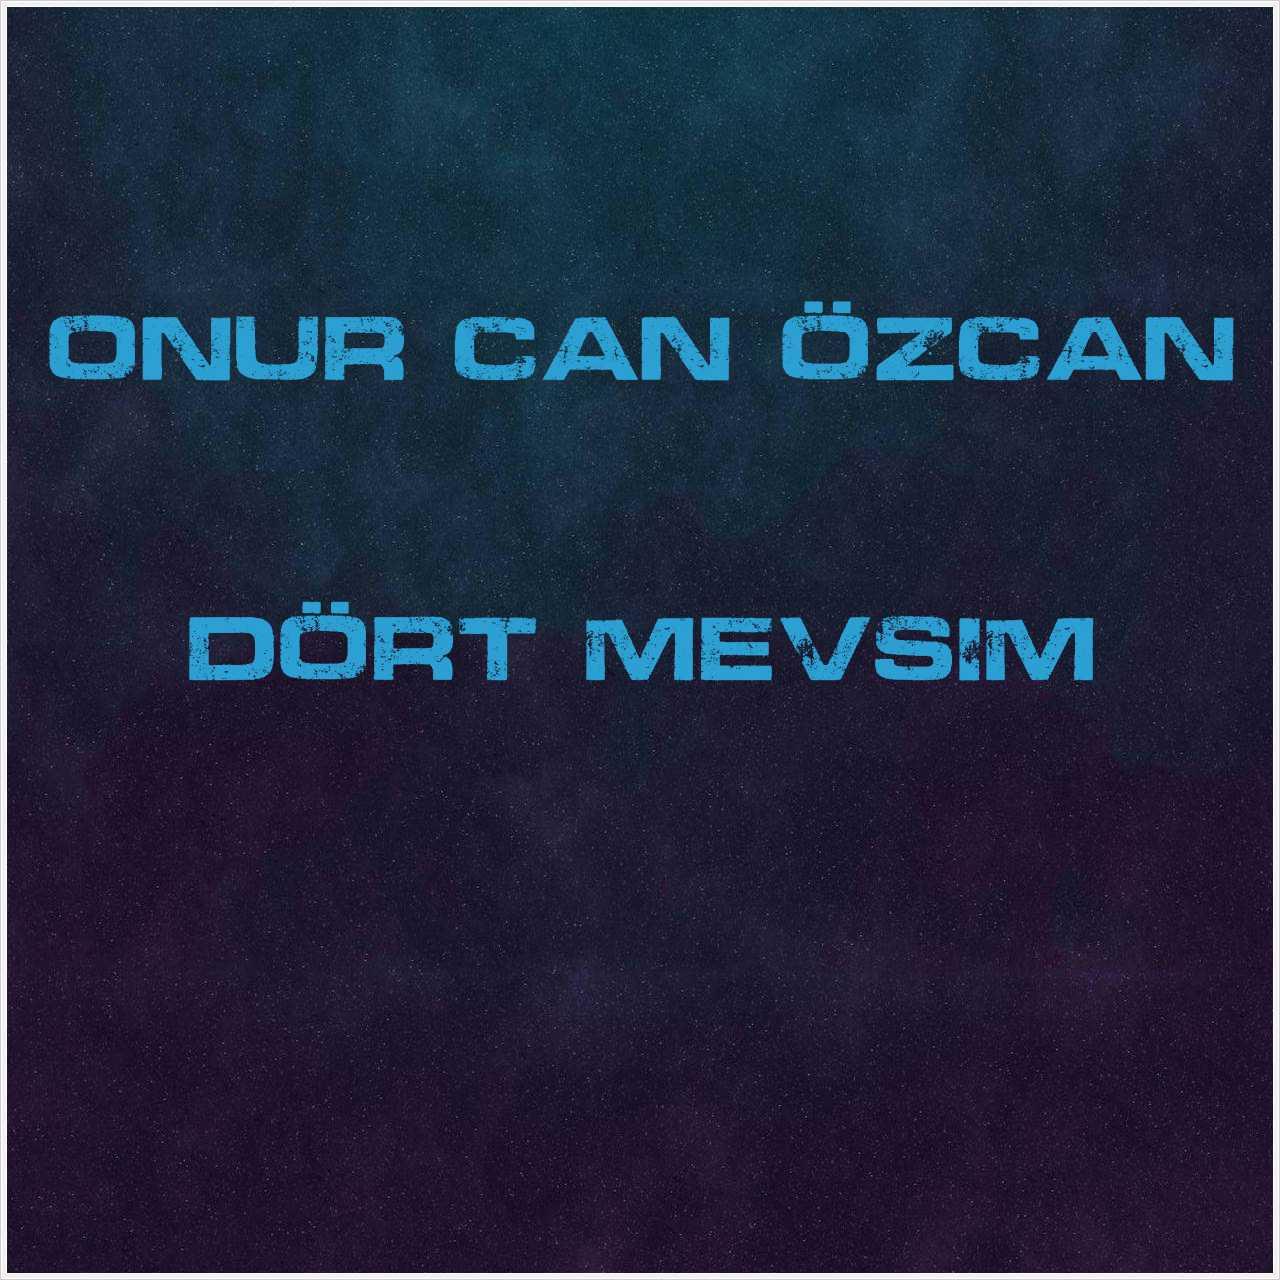 دانلود آهنگ جدید Onur Can Özcan به نام Dört Mevsim